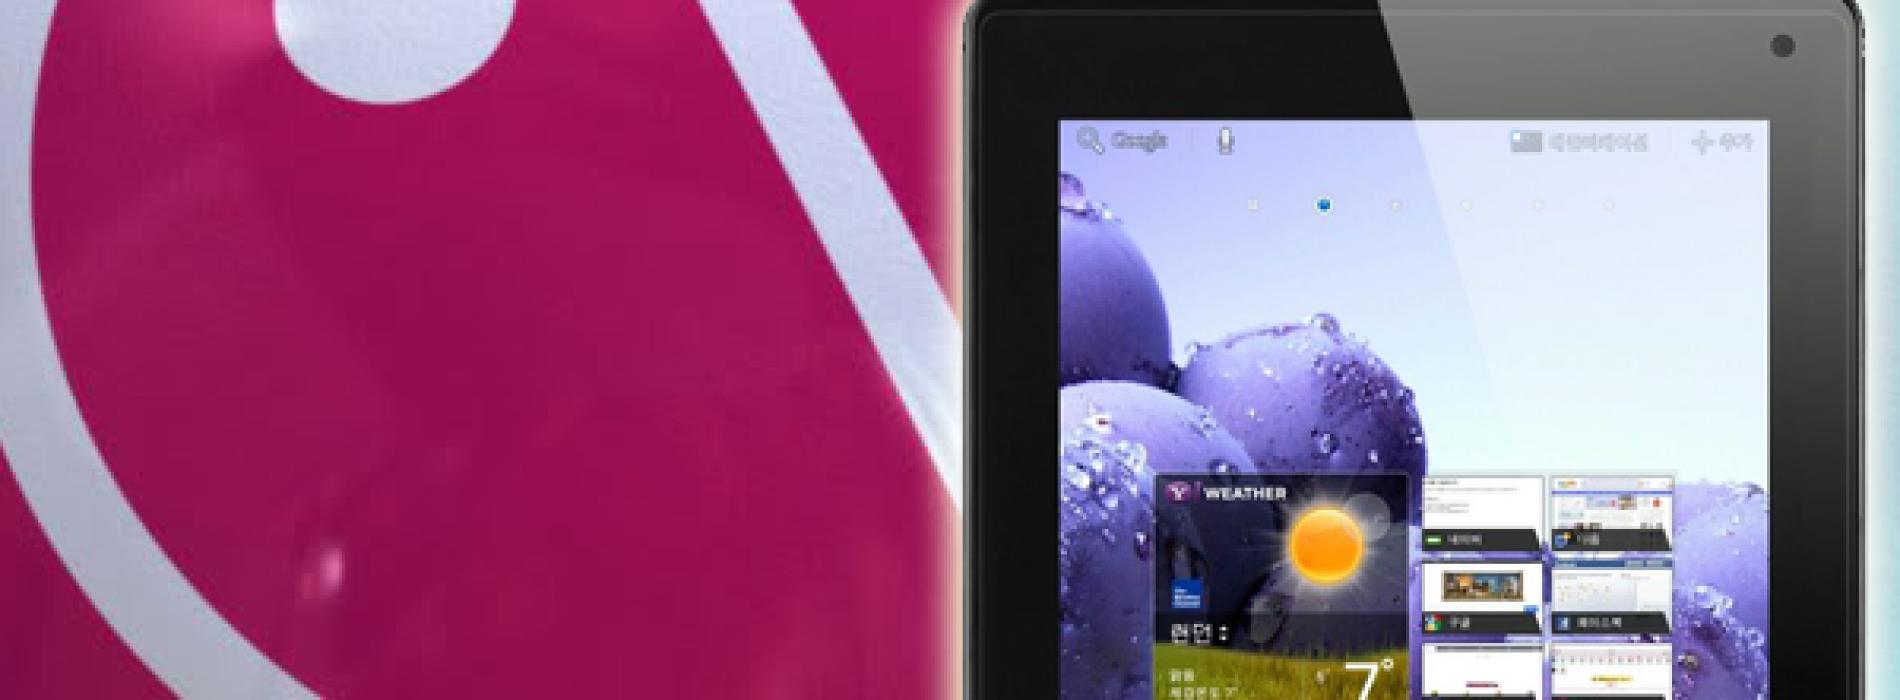 LG Intros Optimus Pad LTE